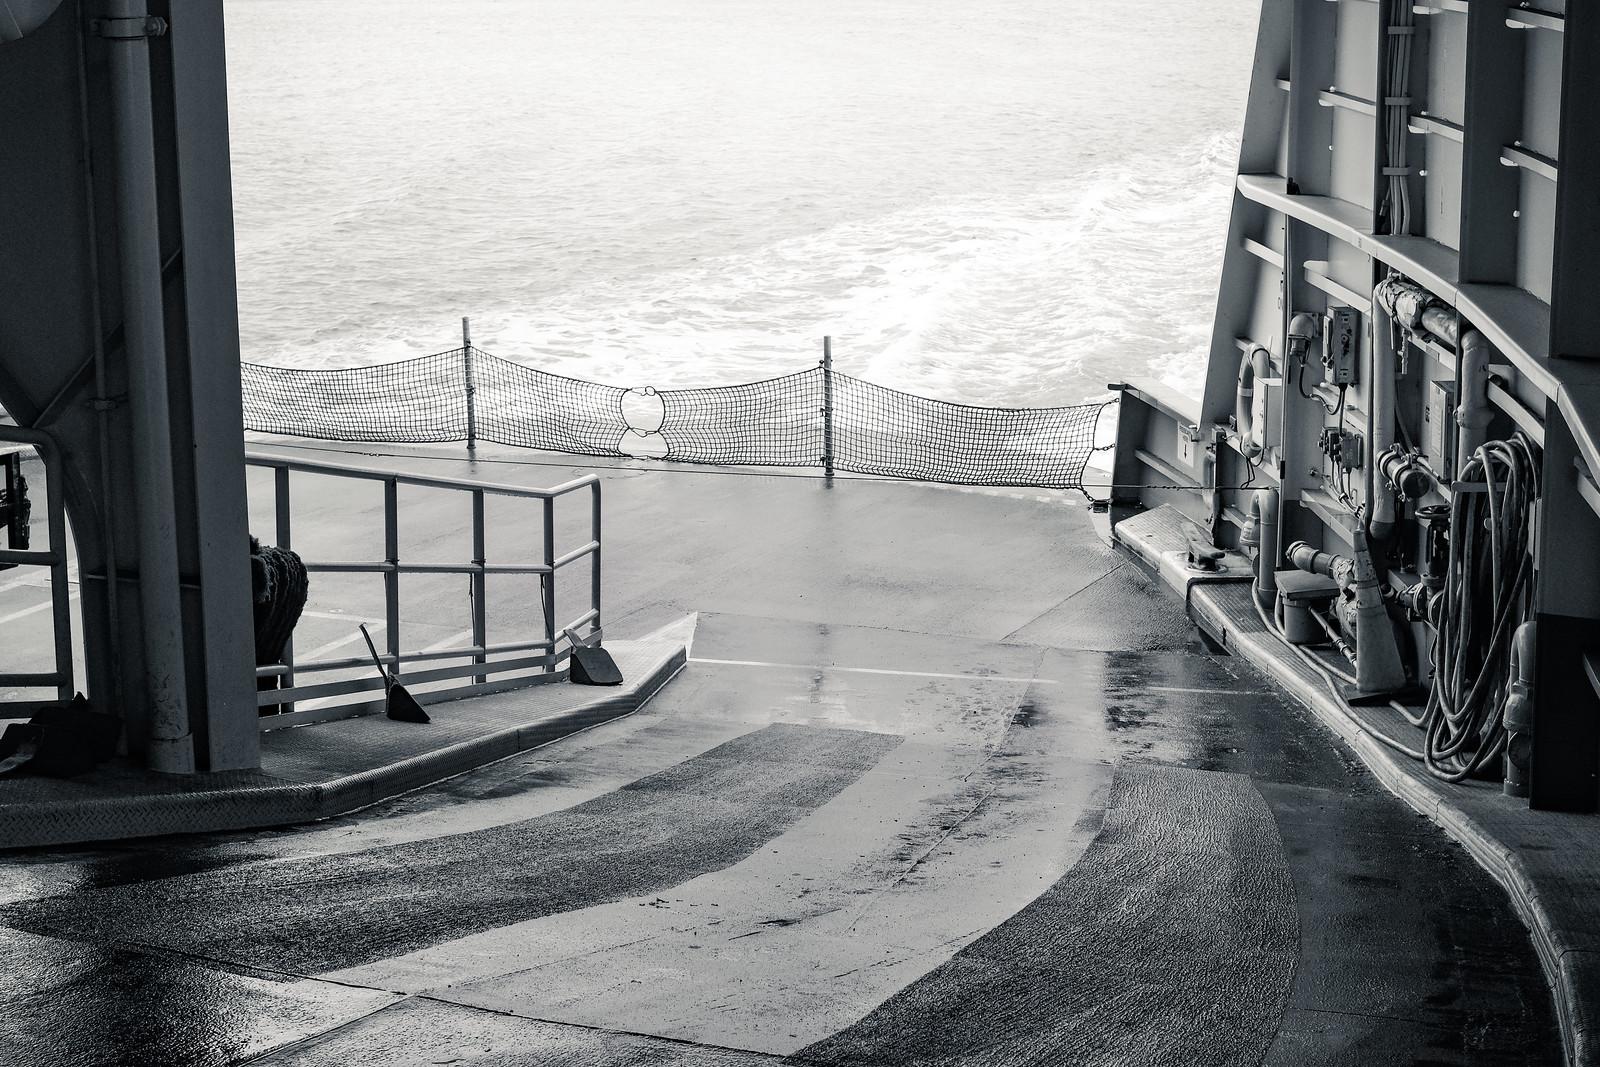 Car Deck, Aft | by Nicholas Lyle